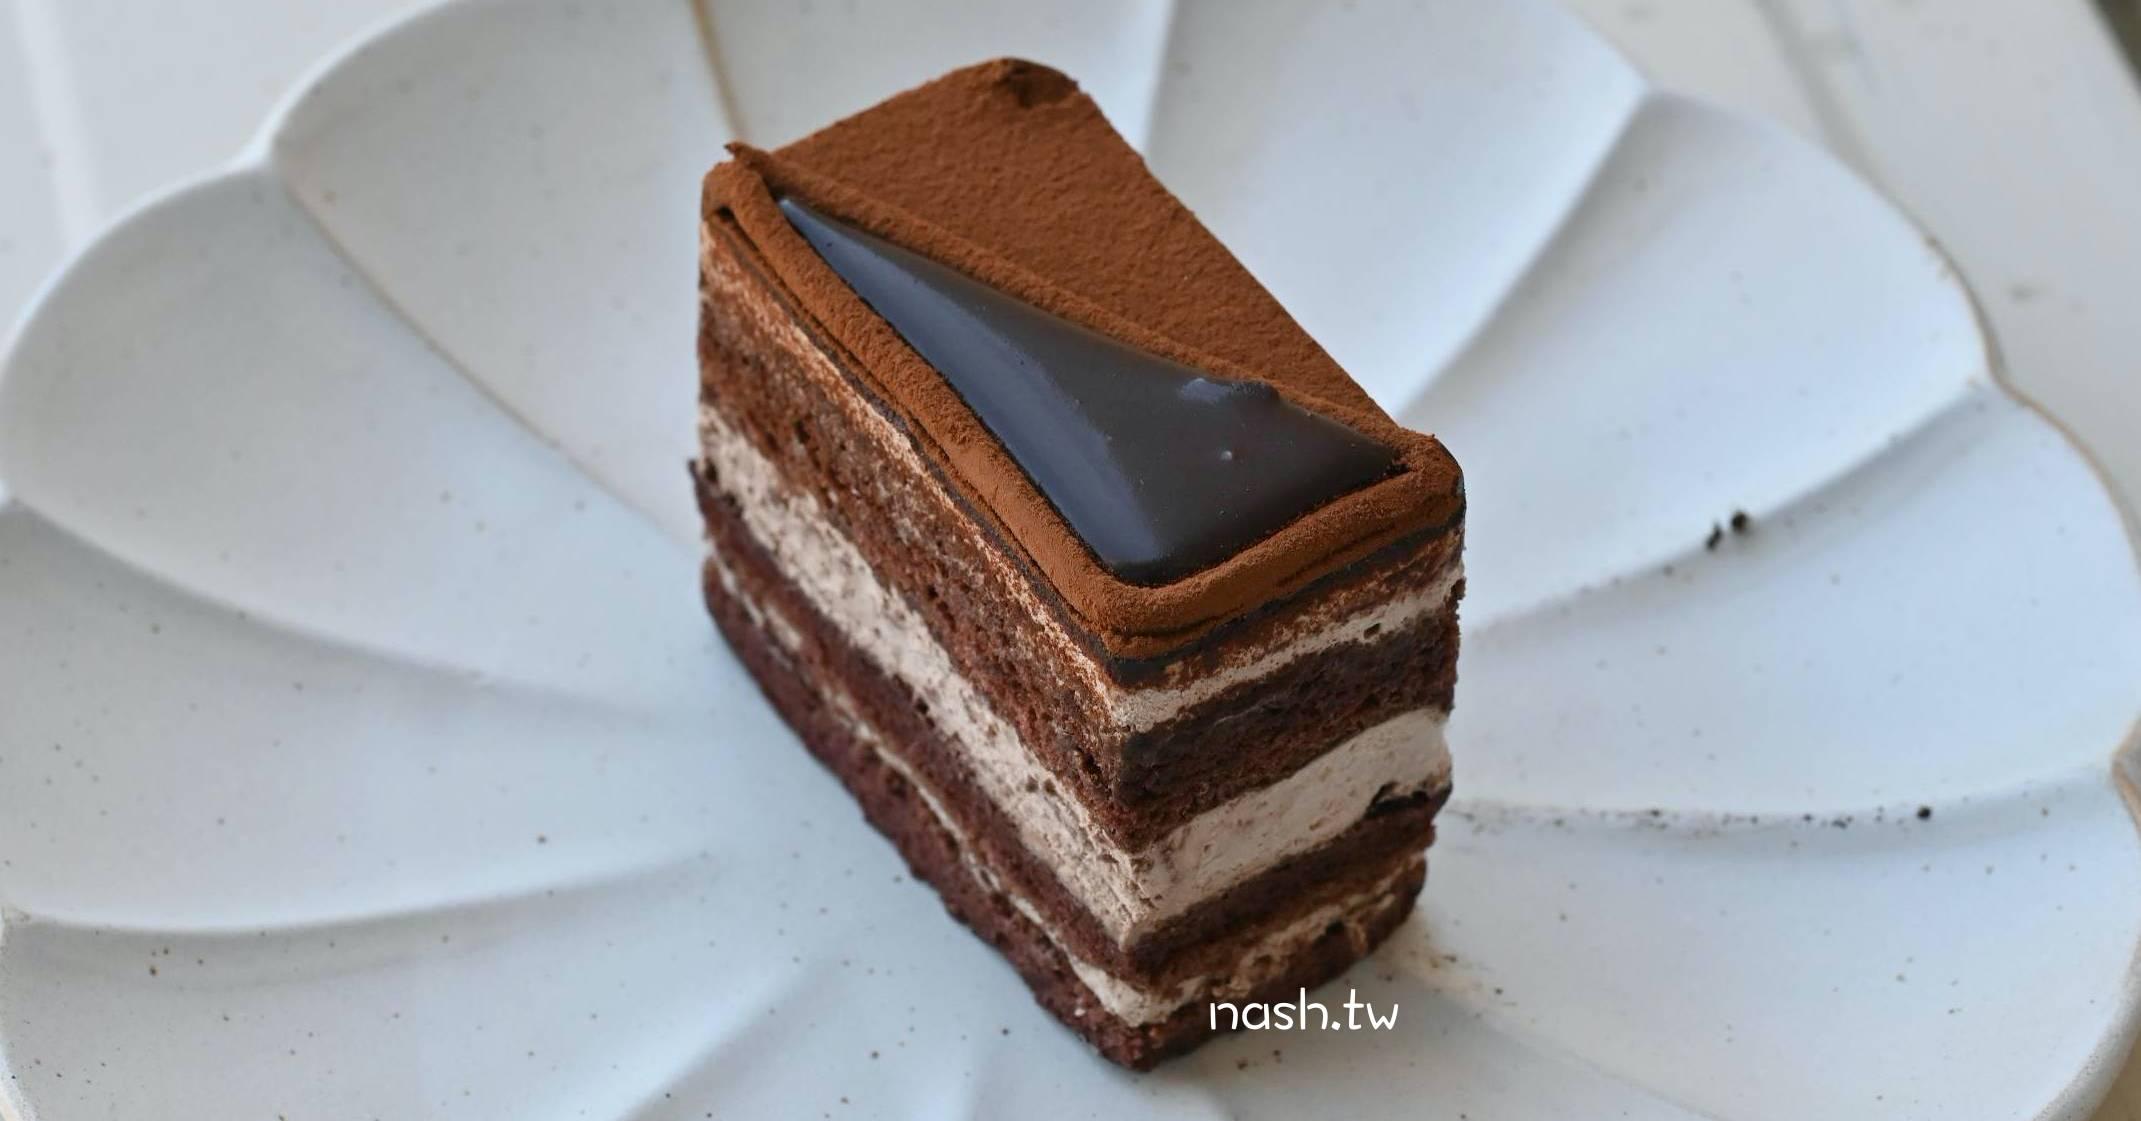 雅力根坊 士林美食推薦-超強起司蛋糕專賣店 (菜單 價錢)